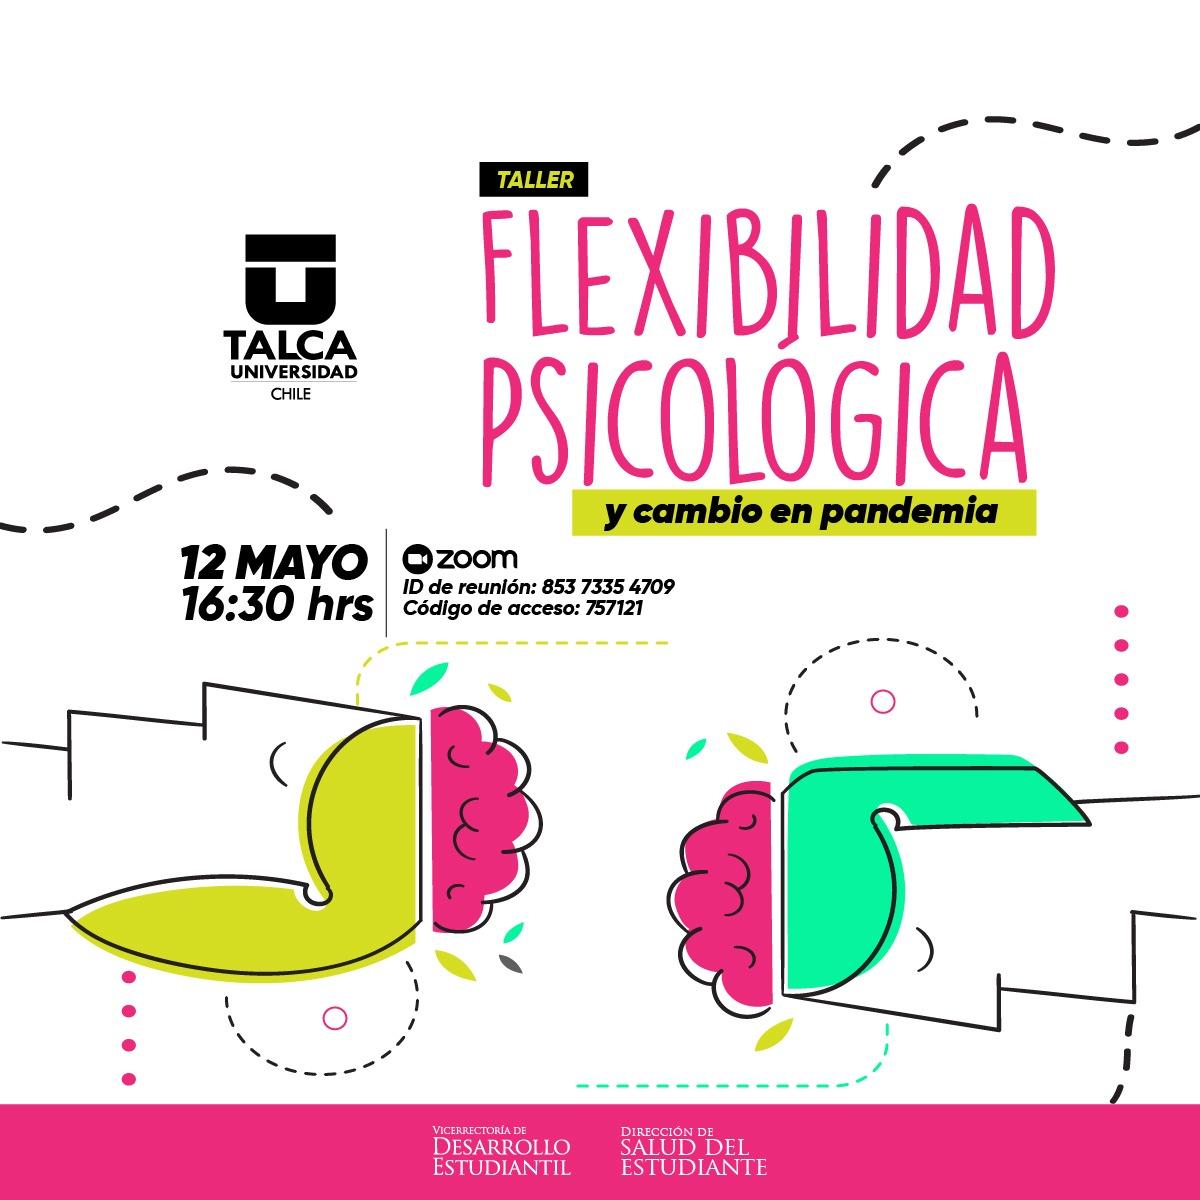 Taller Flexibilidad Psicológica y Cambio en Pandemia